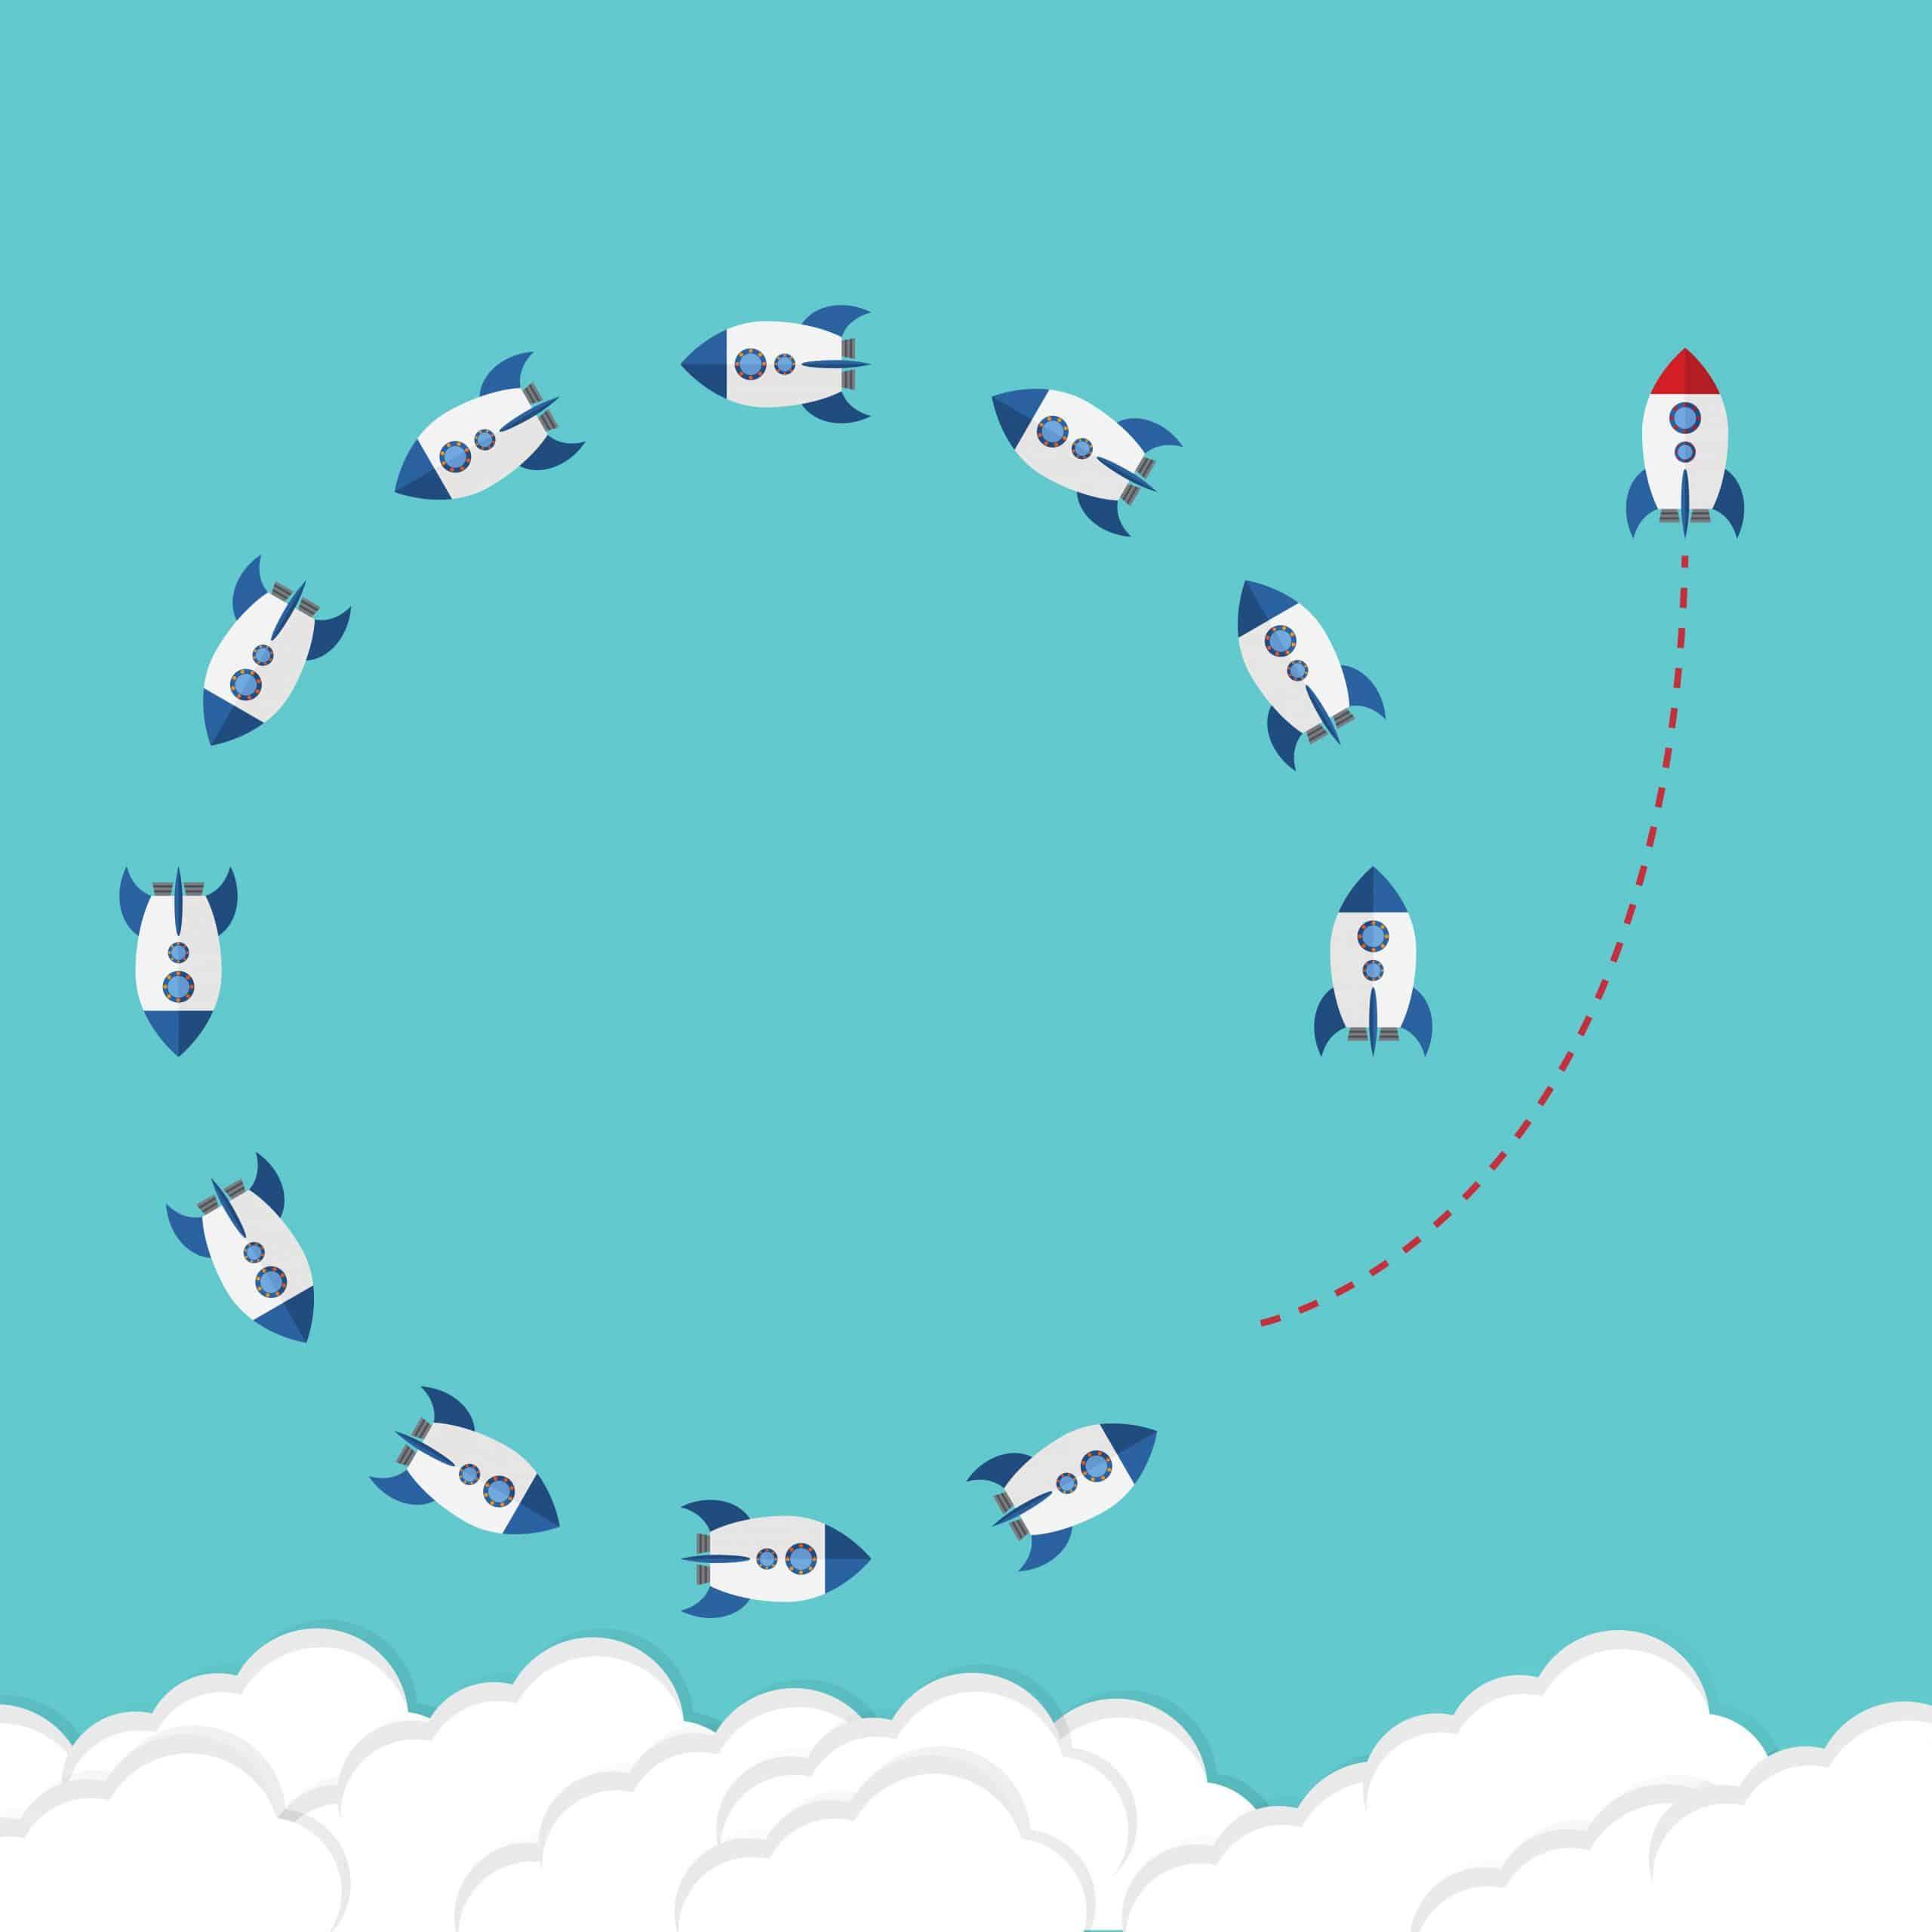 Fusées tournant en rond dans le ciel et l'une d'elles s'échappe pour prendre des risques